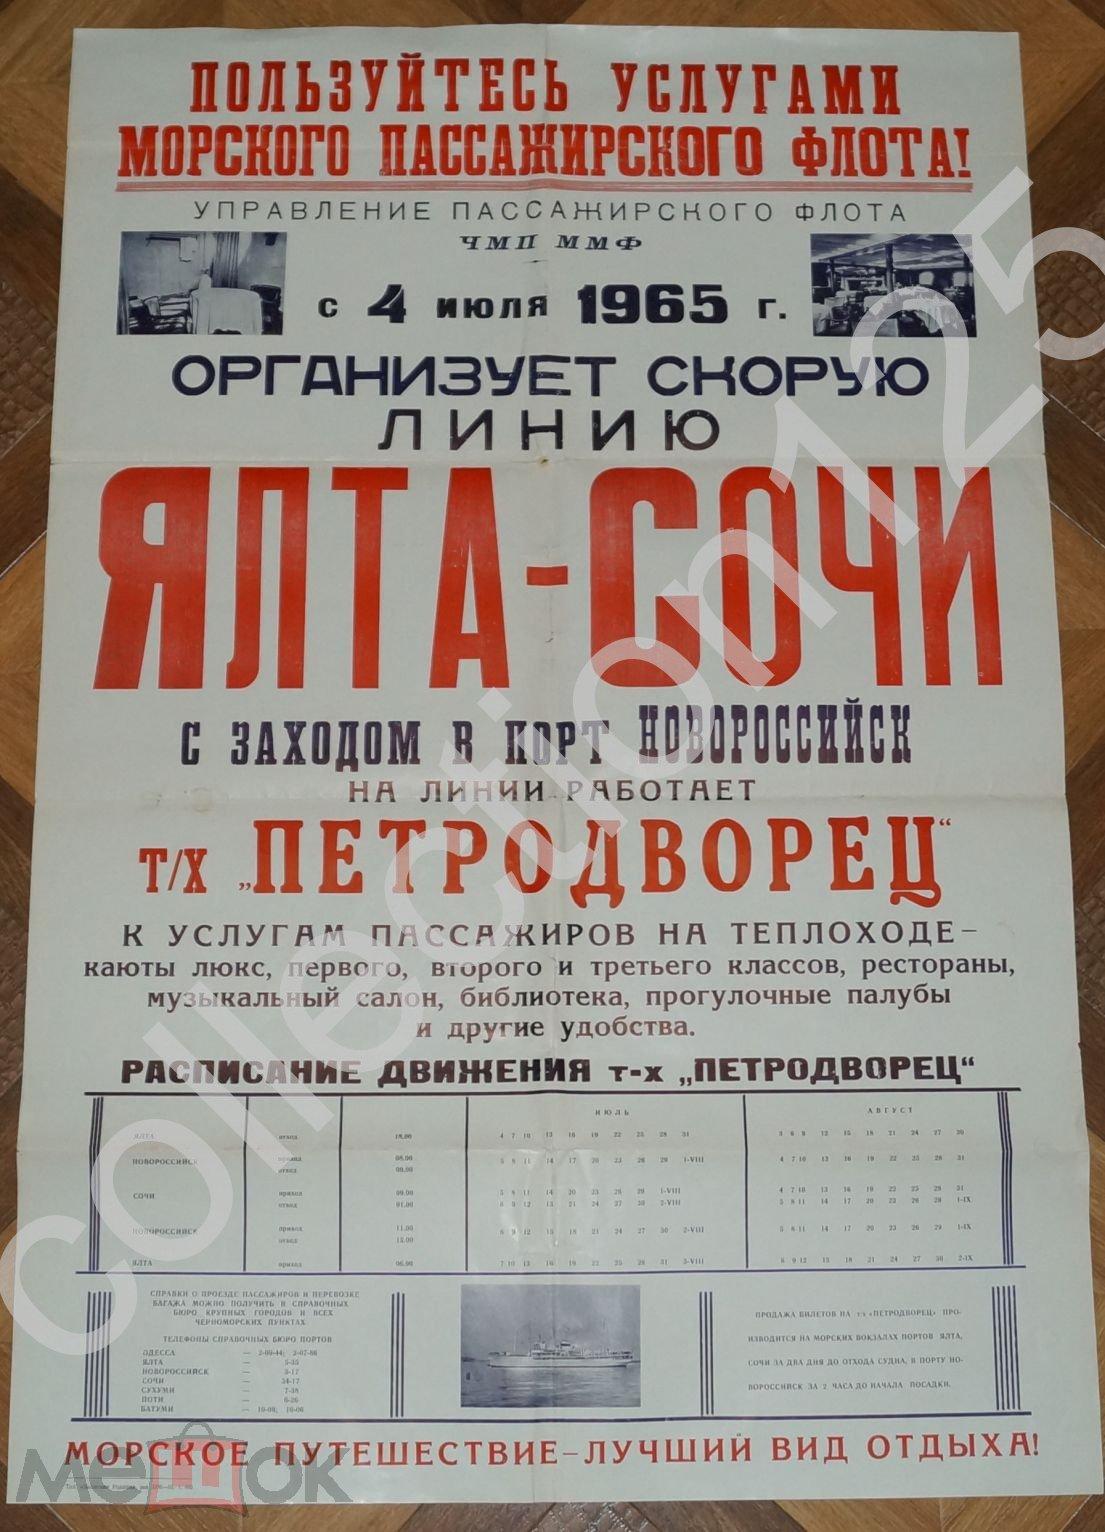 Морская линия Крым Ялта-Сочи через Новороссийск. Теплоход Петродворец. 1965